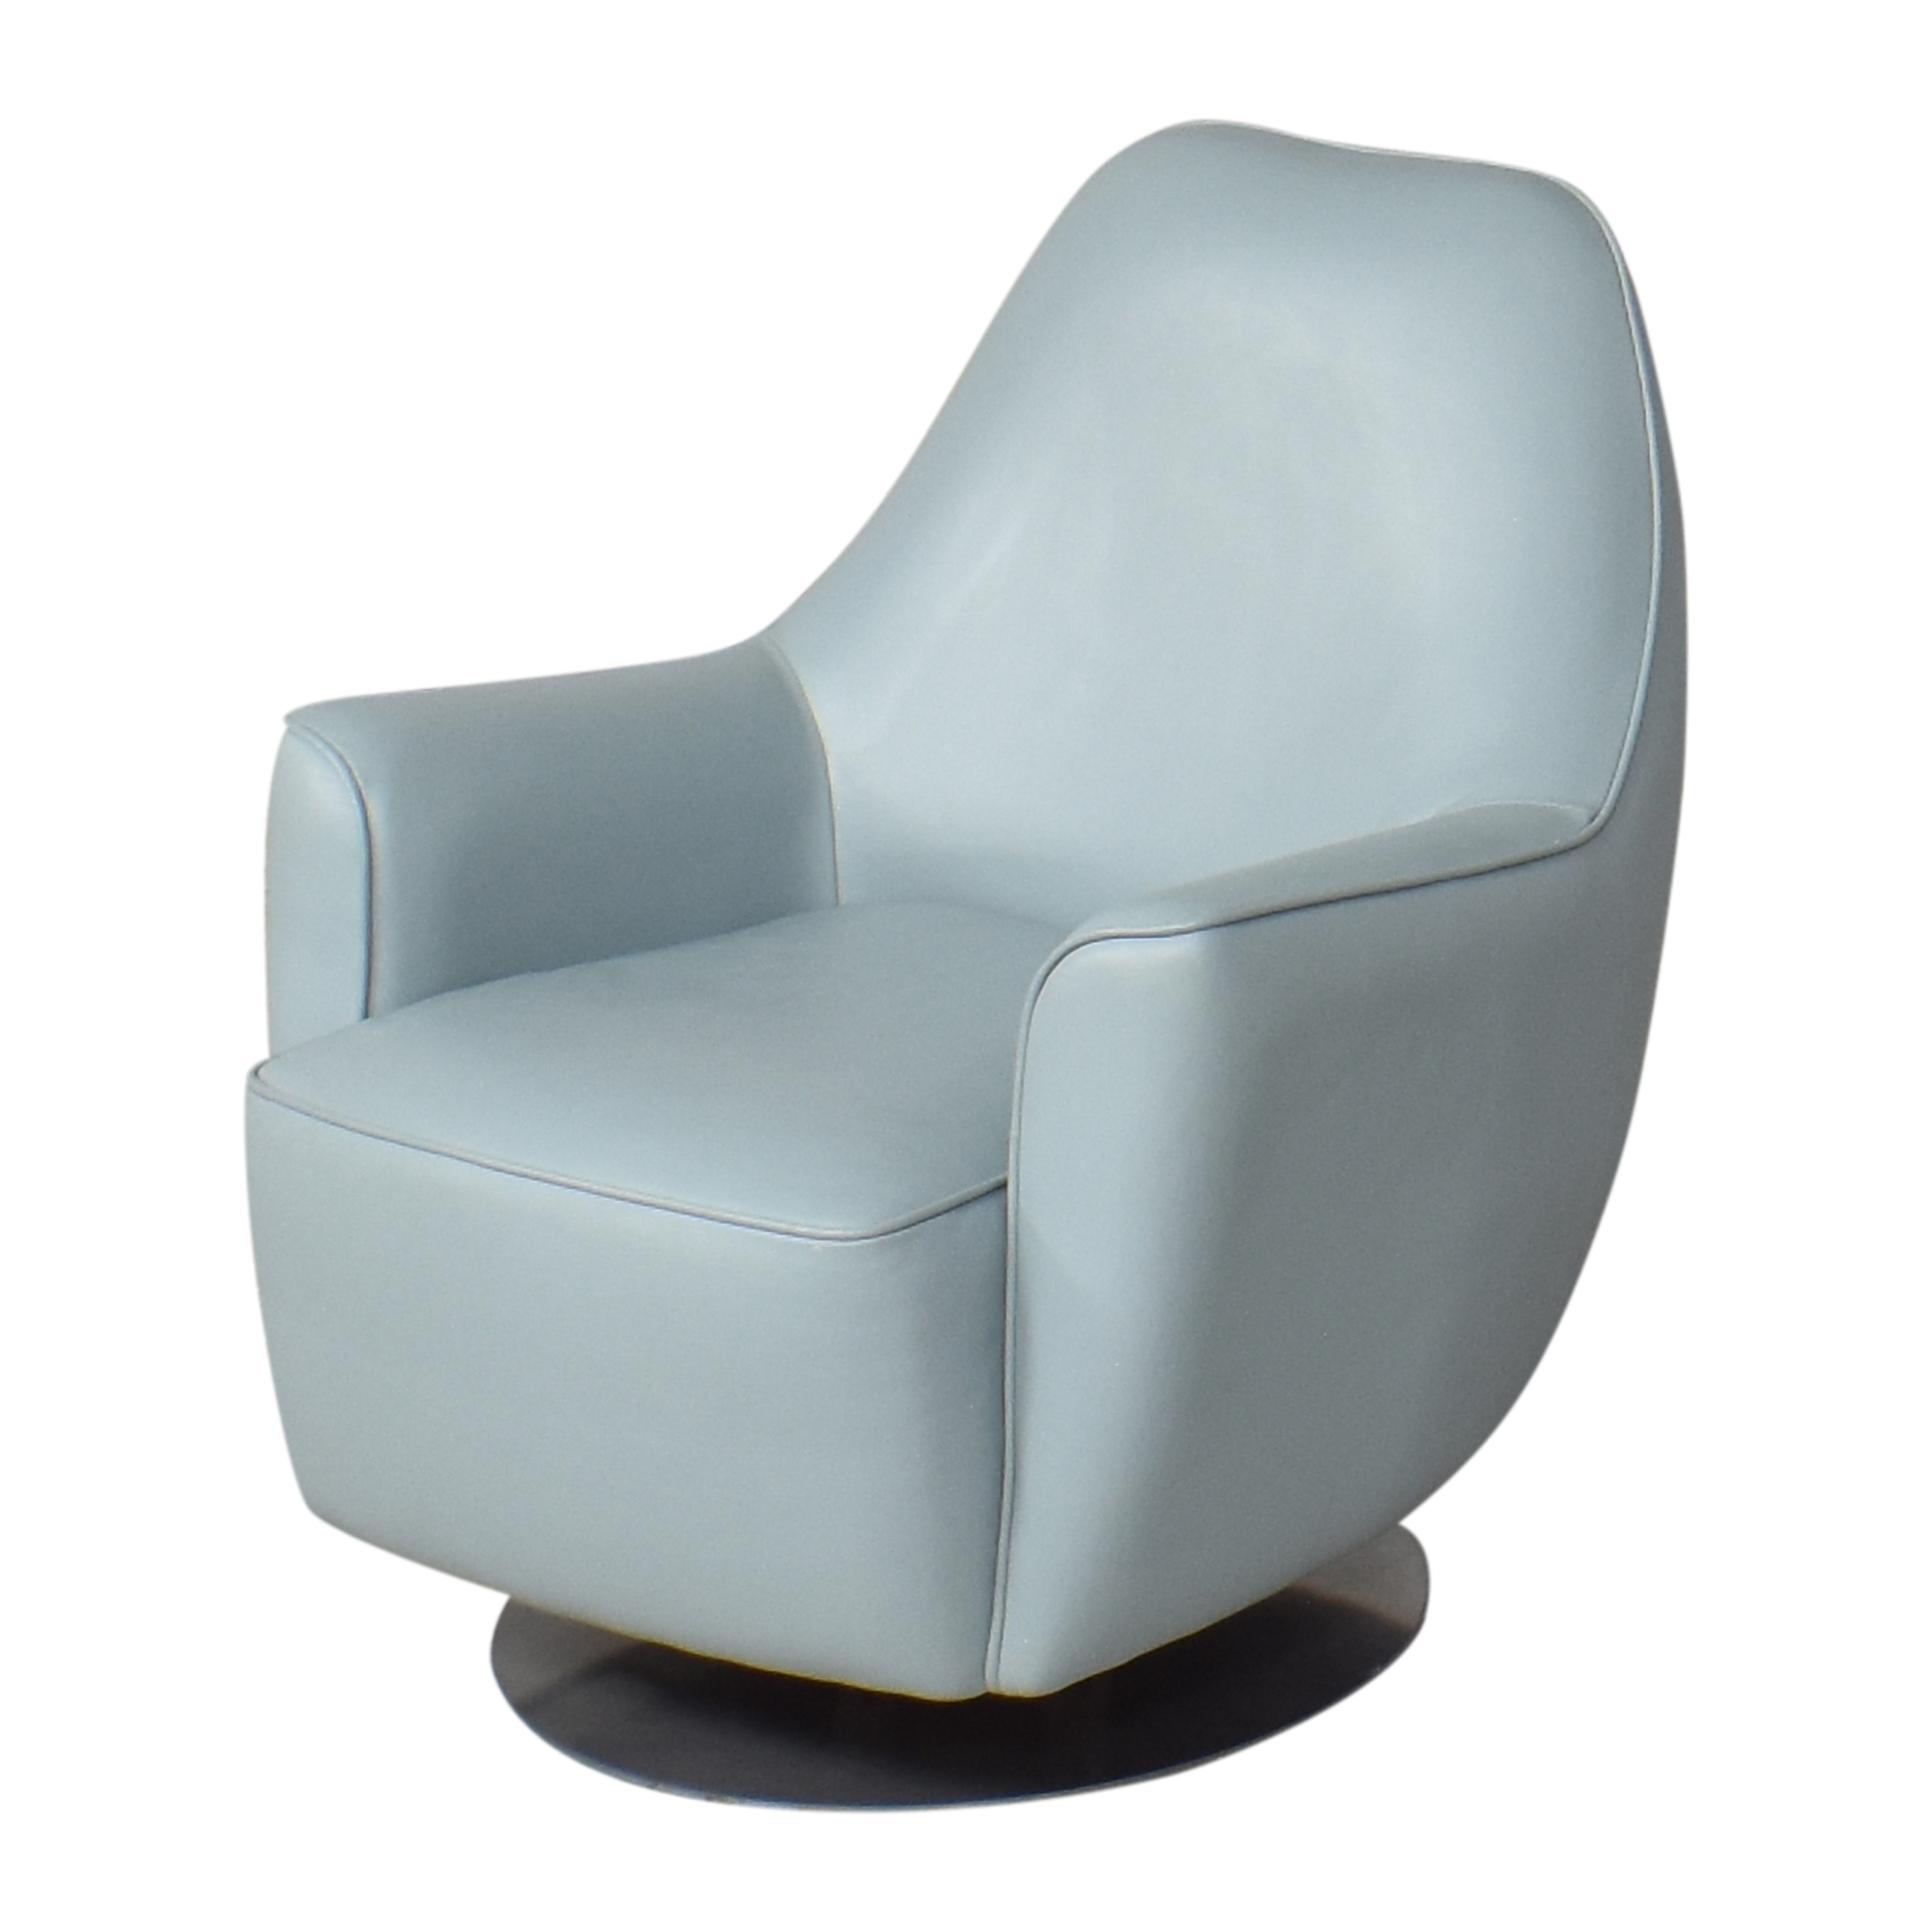 Room & Board Room & Board Modern Swivel Chair on sale